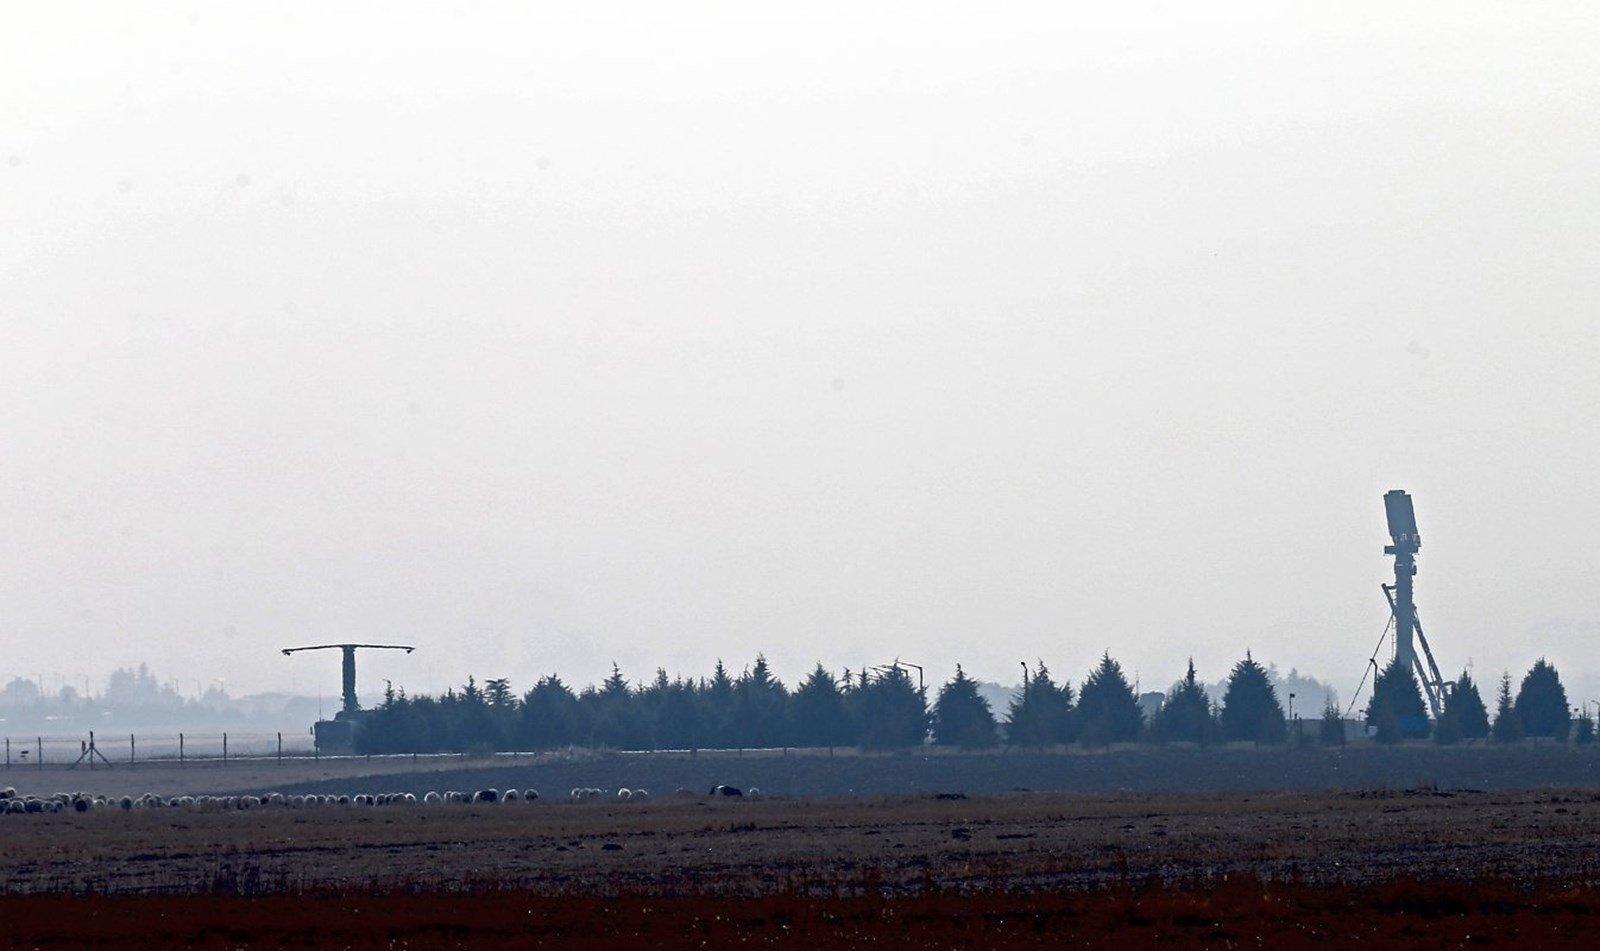 Турция испытывает российскую противоракетную оборону С-400 против американских самолётов